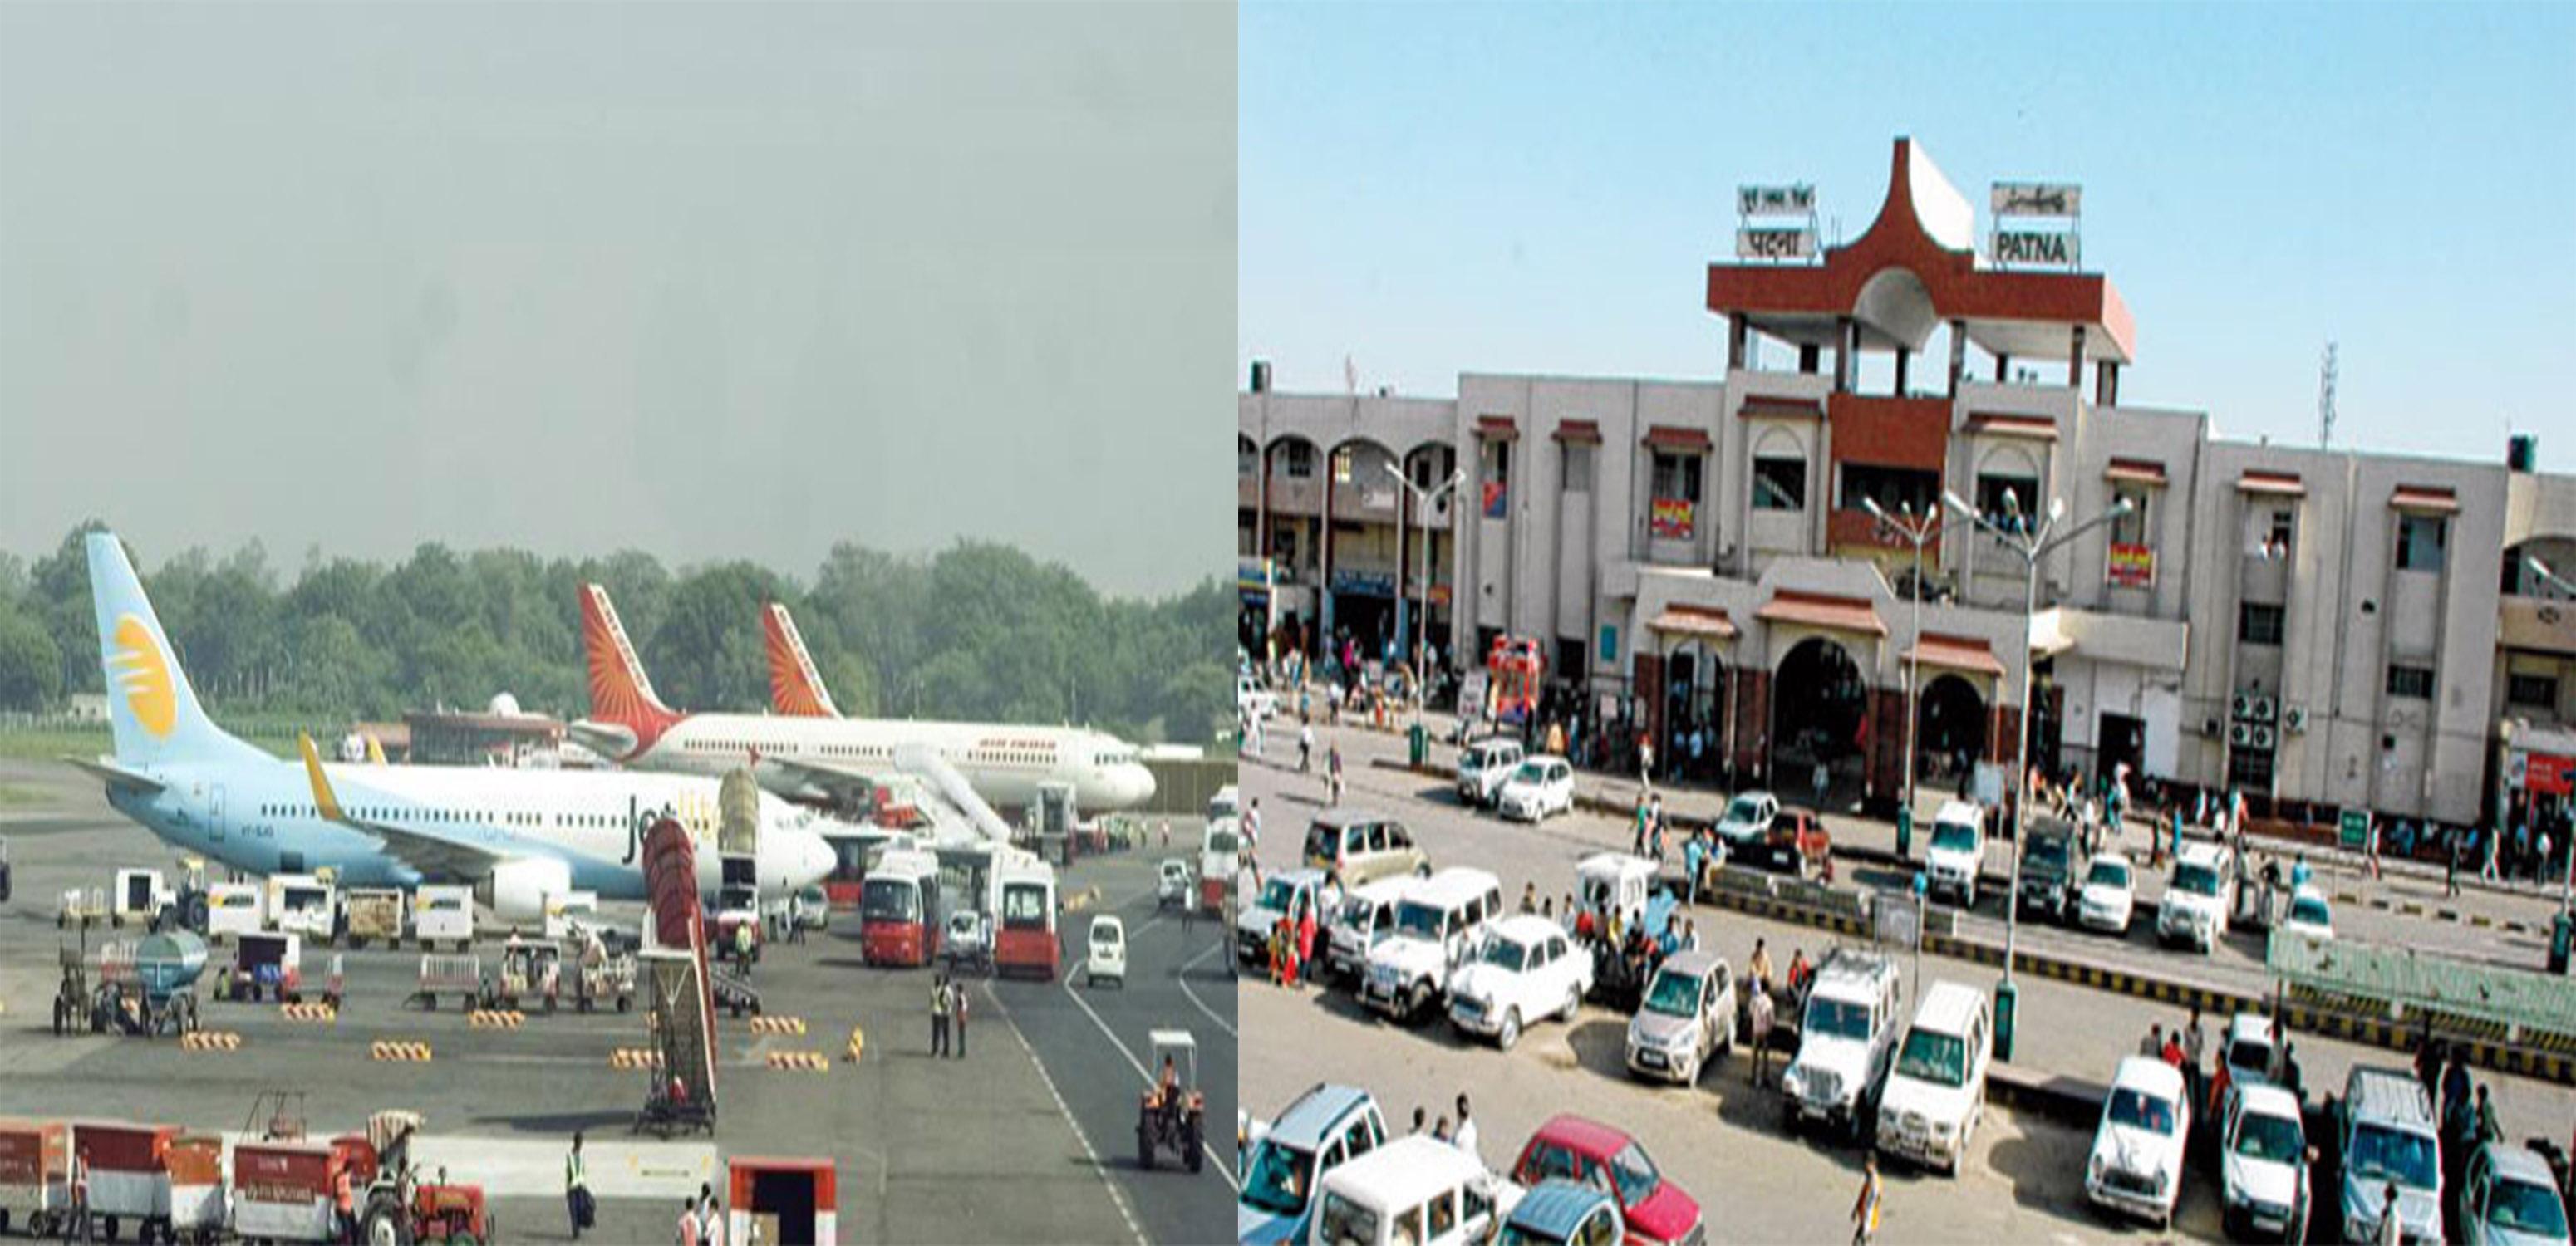 flight schedule patna airport